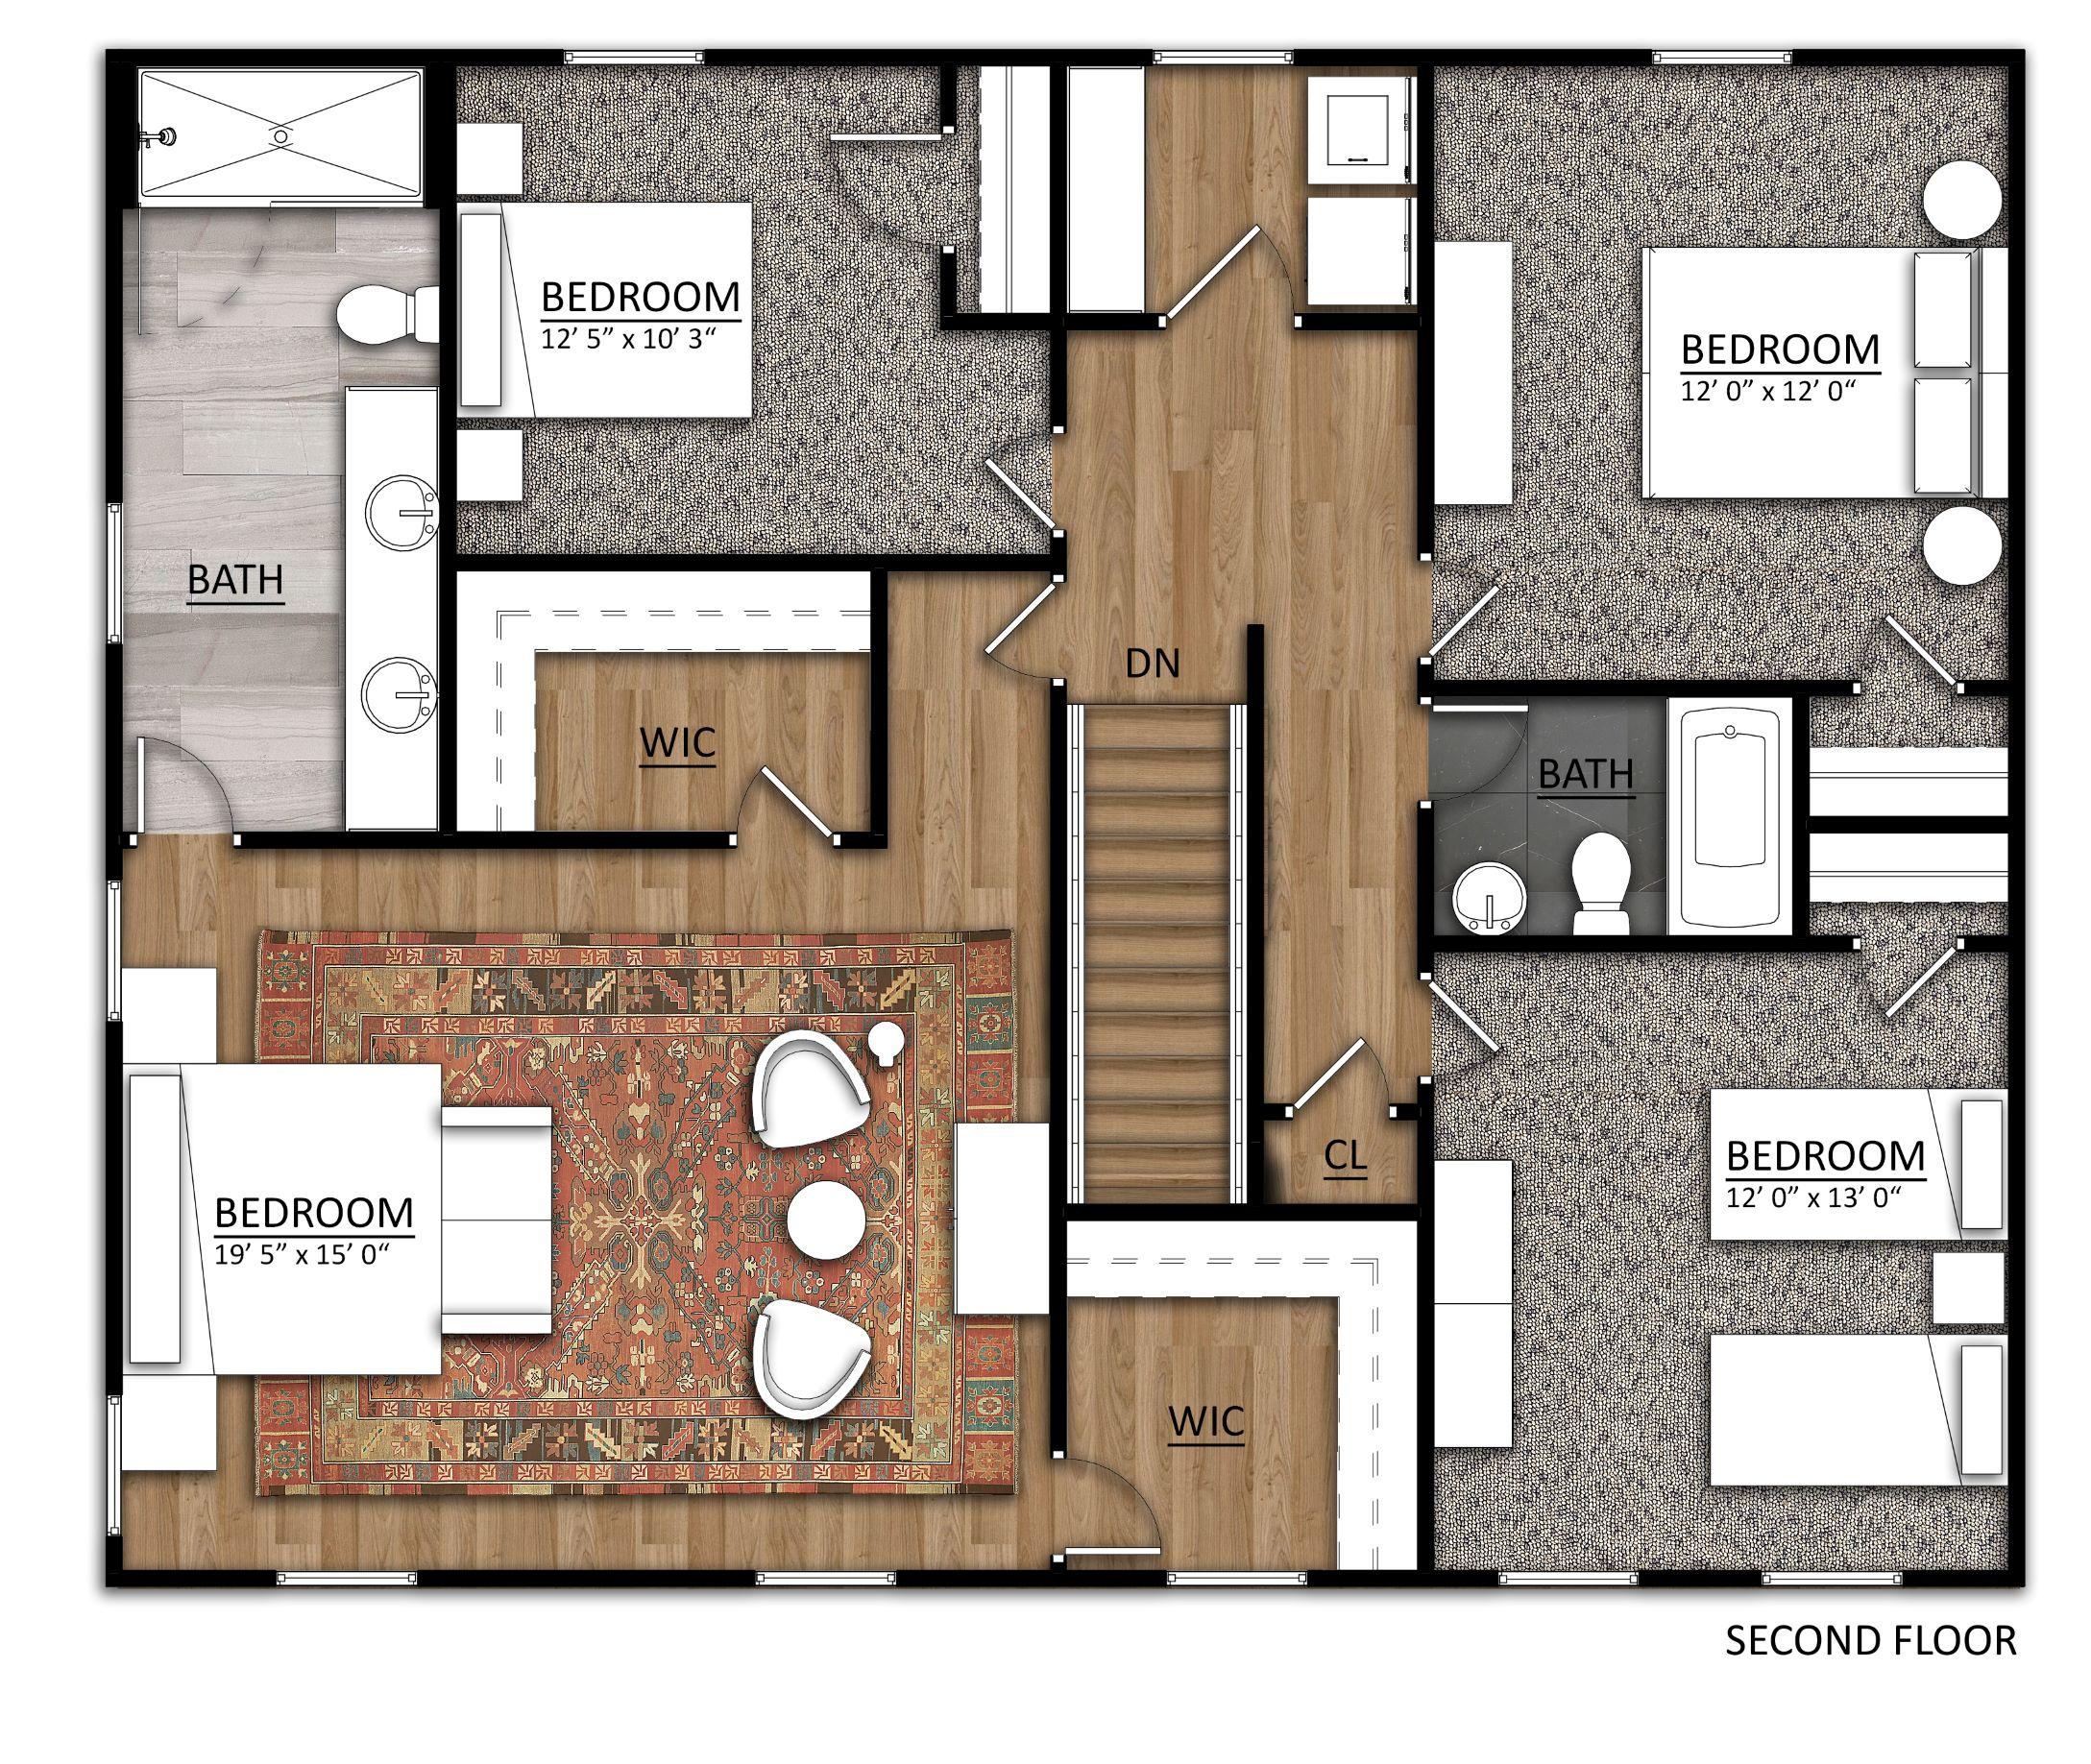 new floor plan second floor